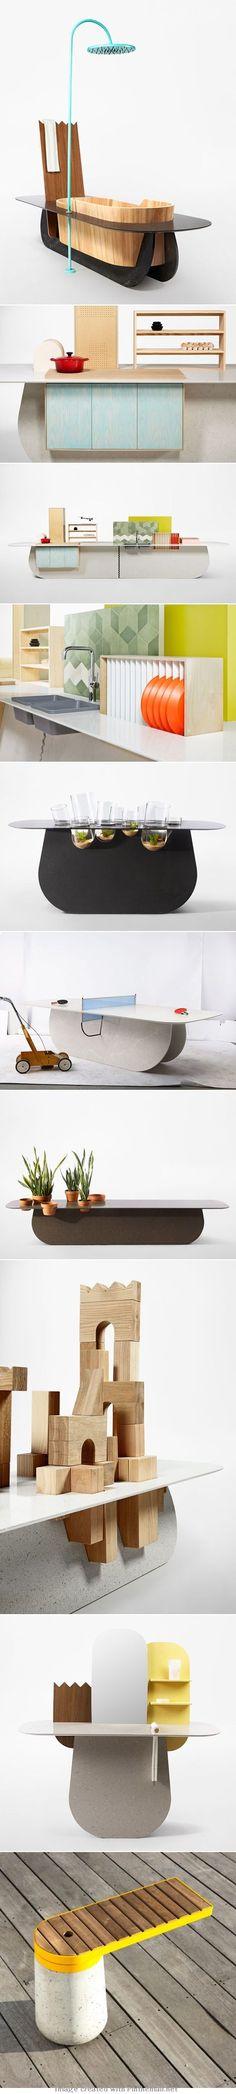 Fun Fun Furnitures! - Raw Edges Design Studio